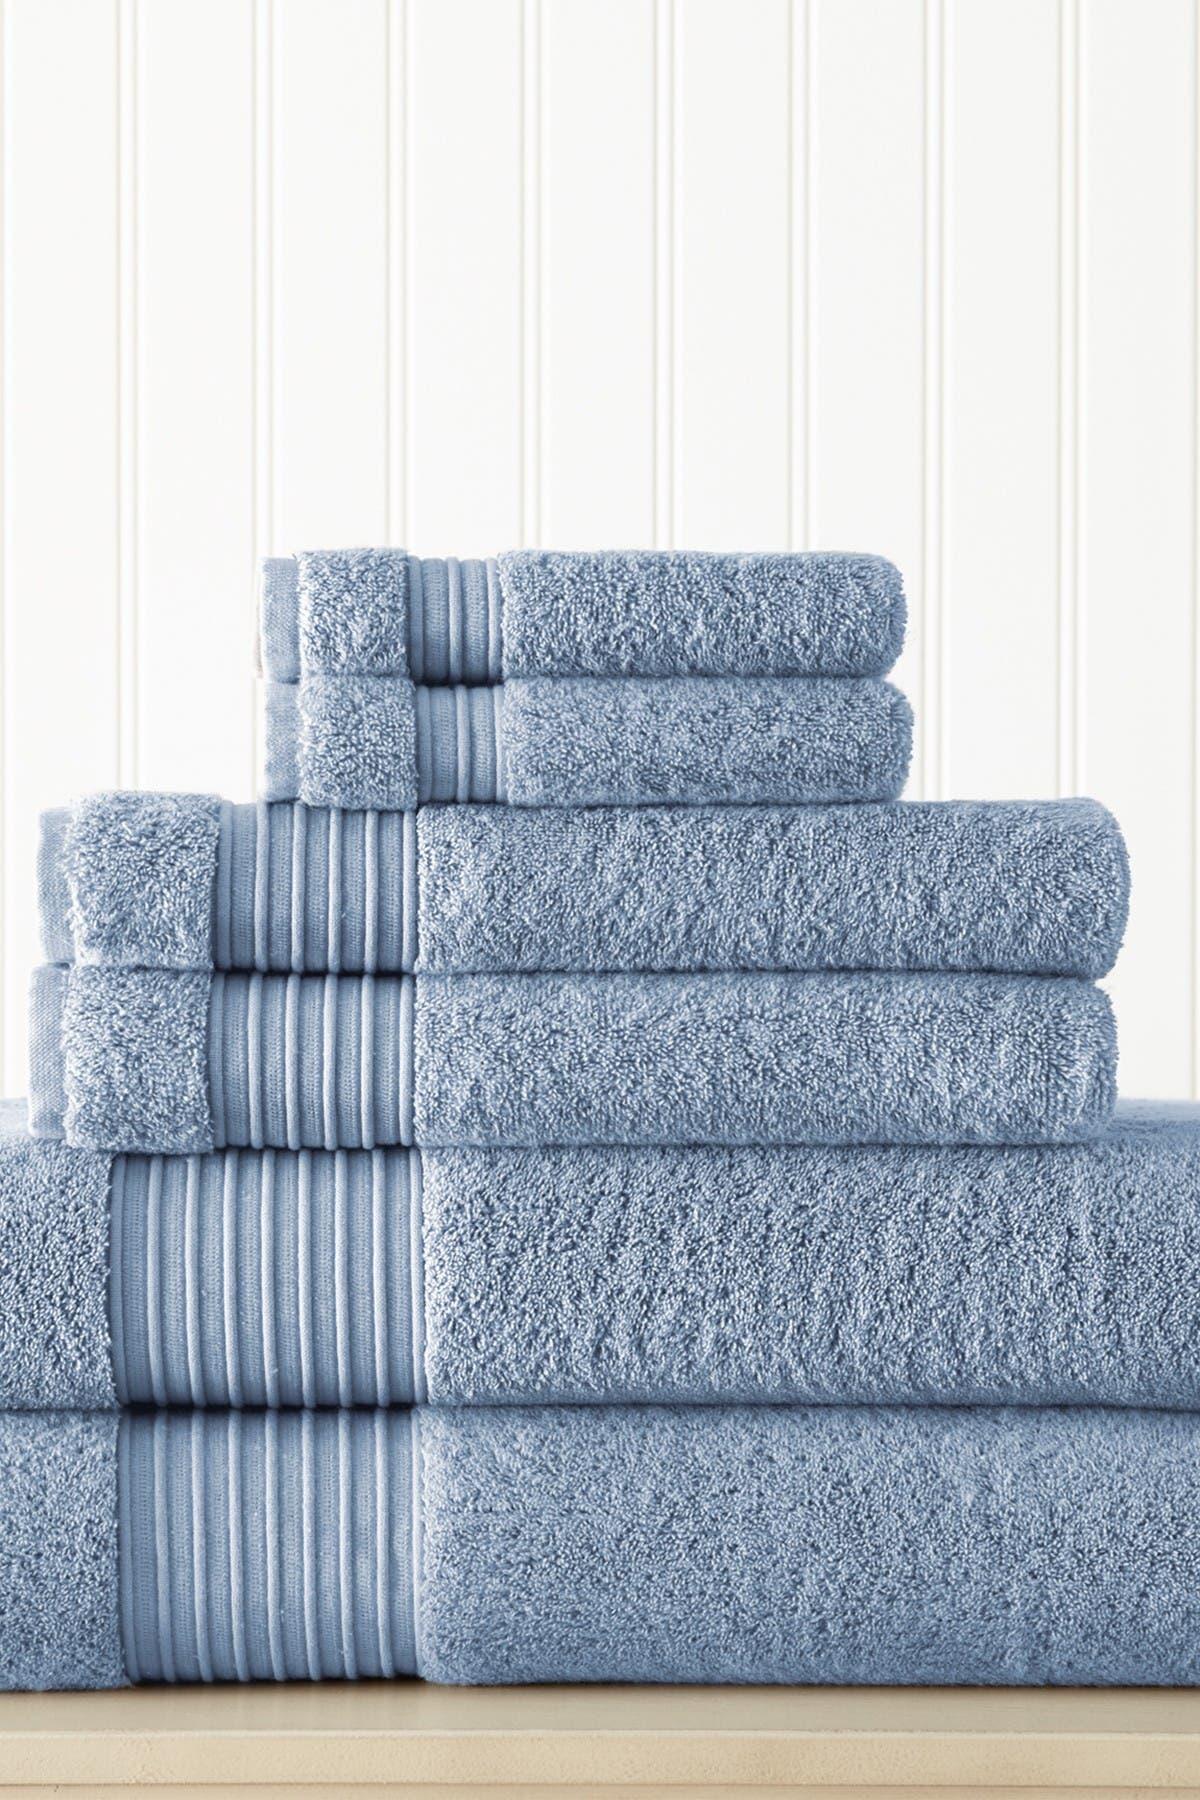 Image of Modern Threads 6-Piece Turkish Cotton Towel Set - Denim